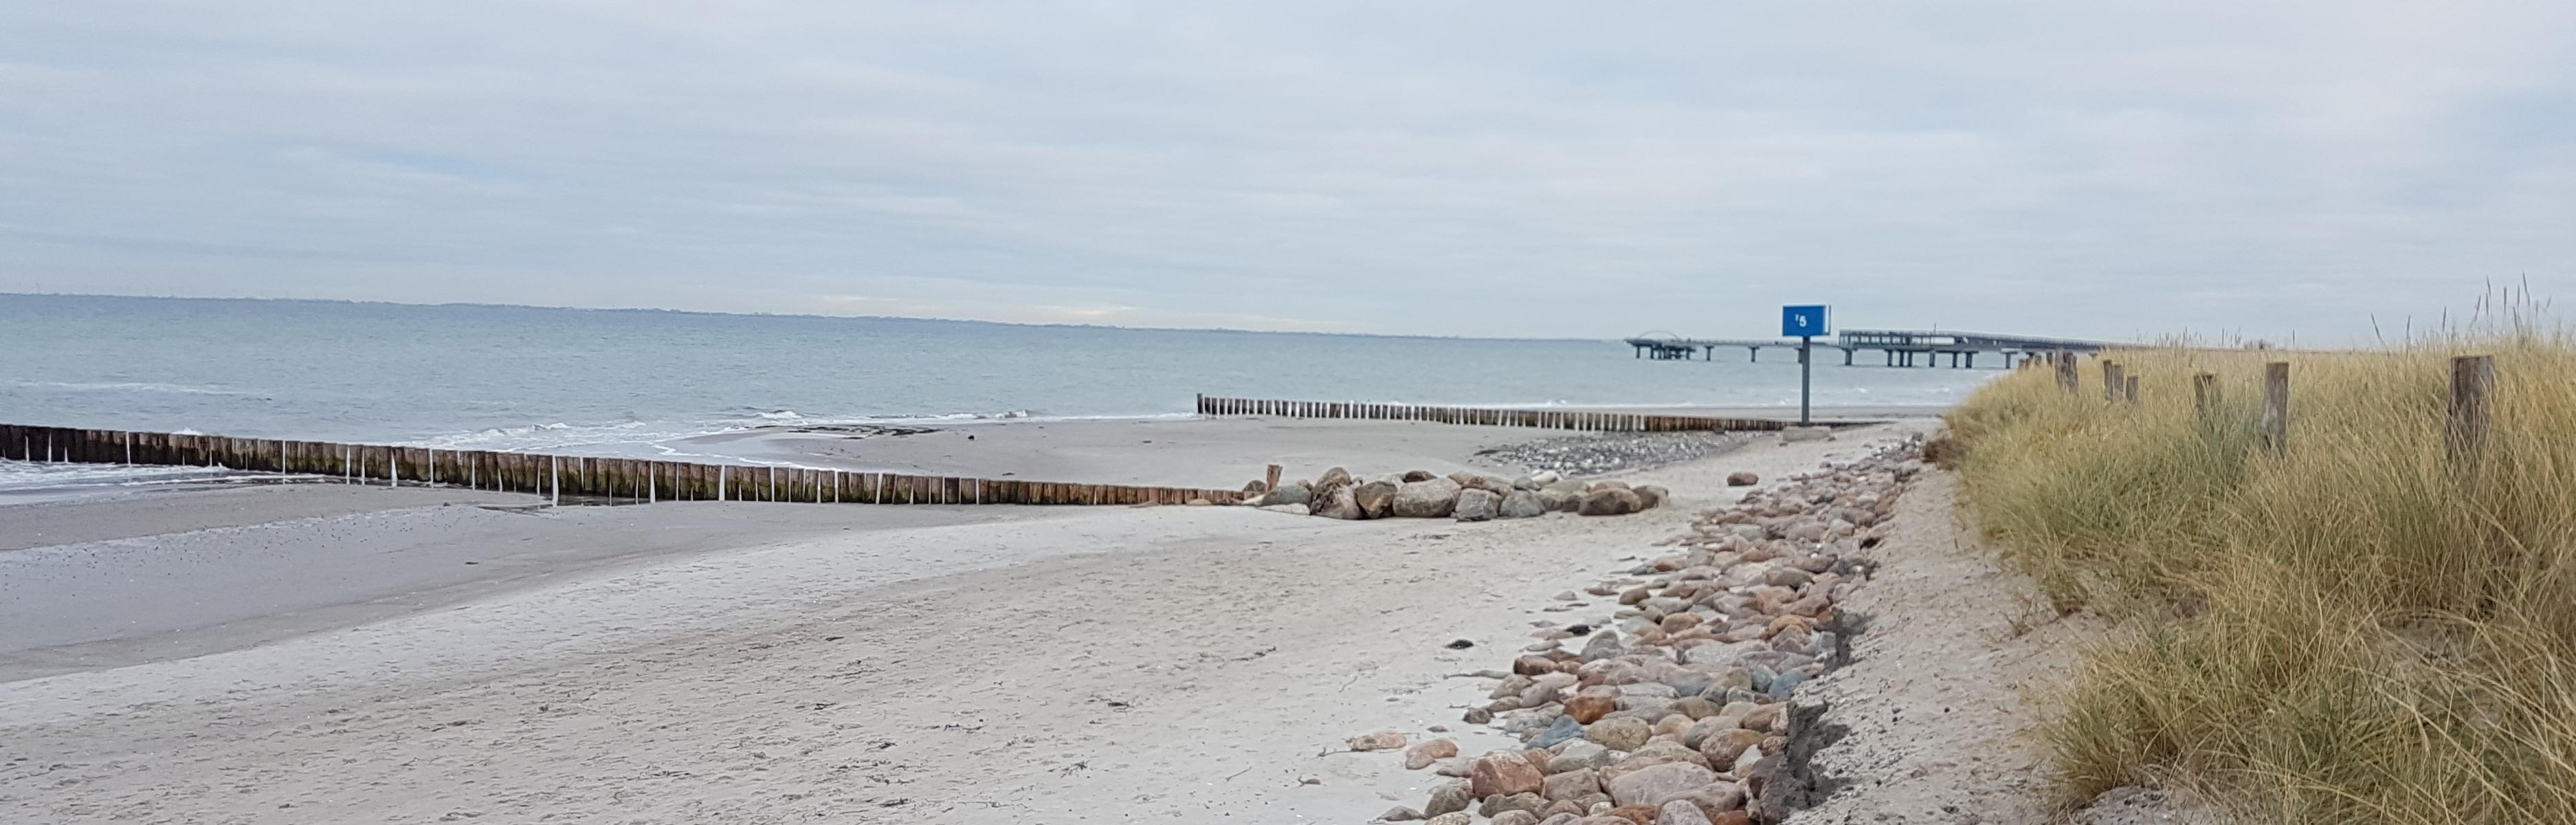 Blick vom Strandaufgang westlich von Turm 5 nach Osten. Darüber berichtete auch die LN. Der aufgespülte Sand war längst vor dem Schadensereignis 04./05. Jan. 2016 verschwunden. Ein großer Erfolg, so Herr Eggers...